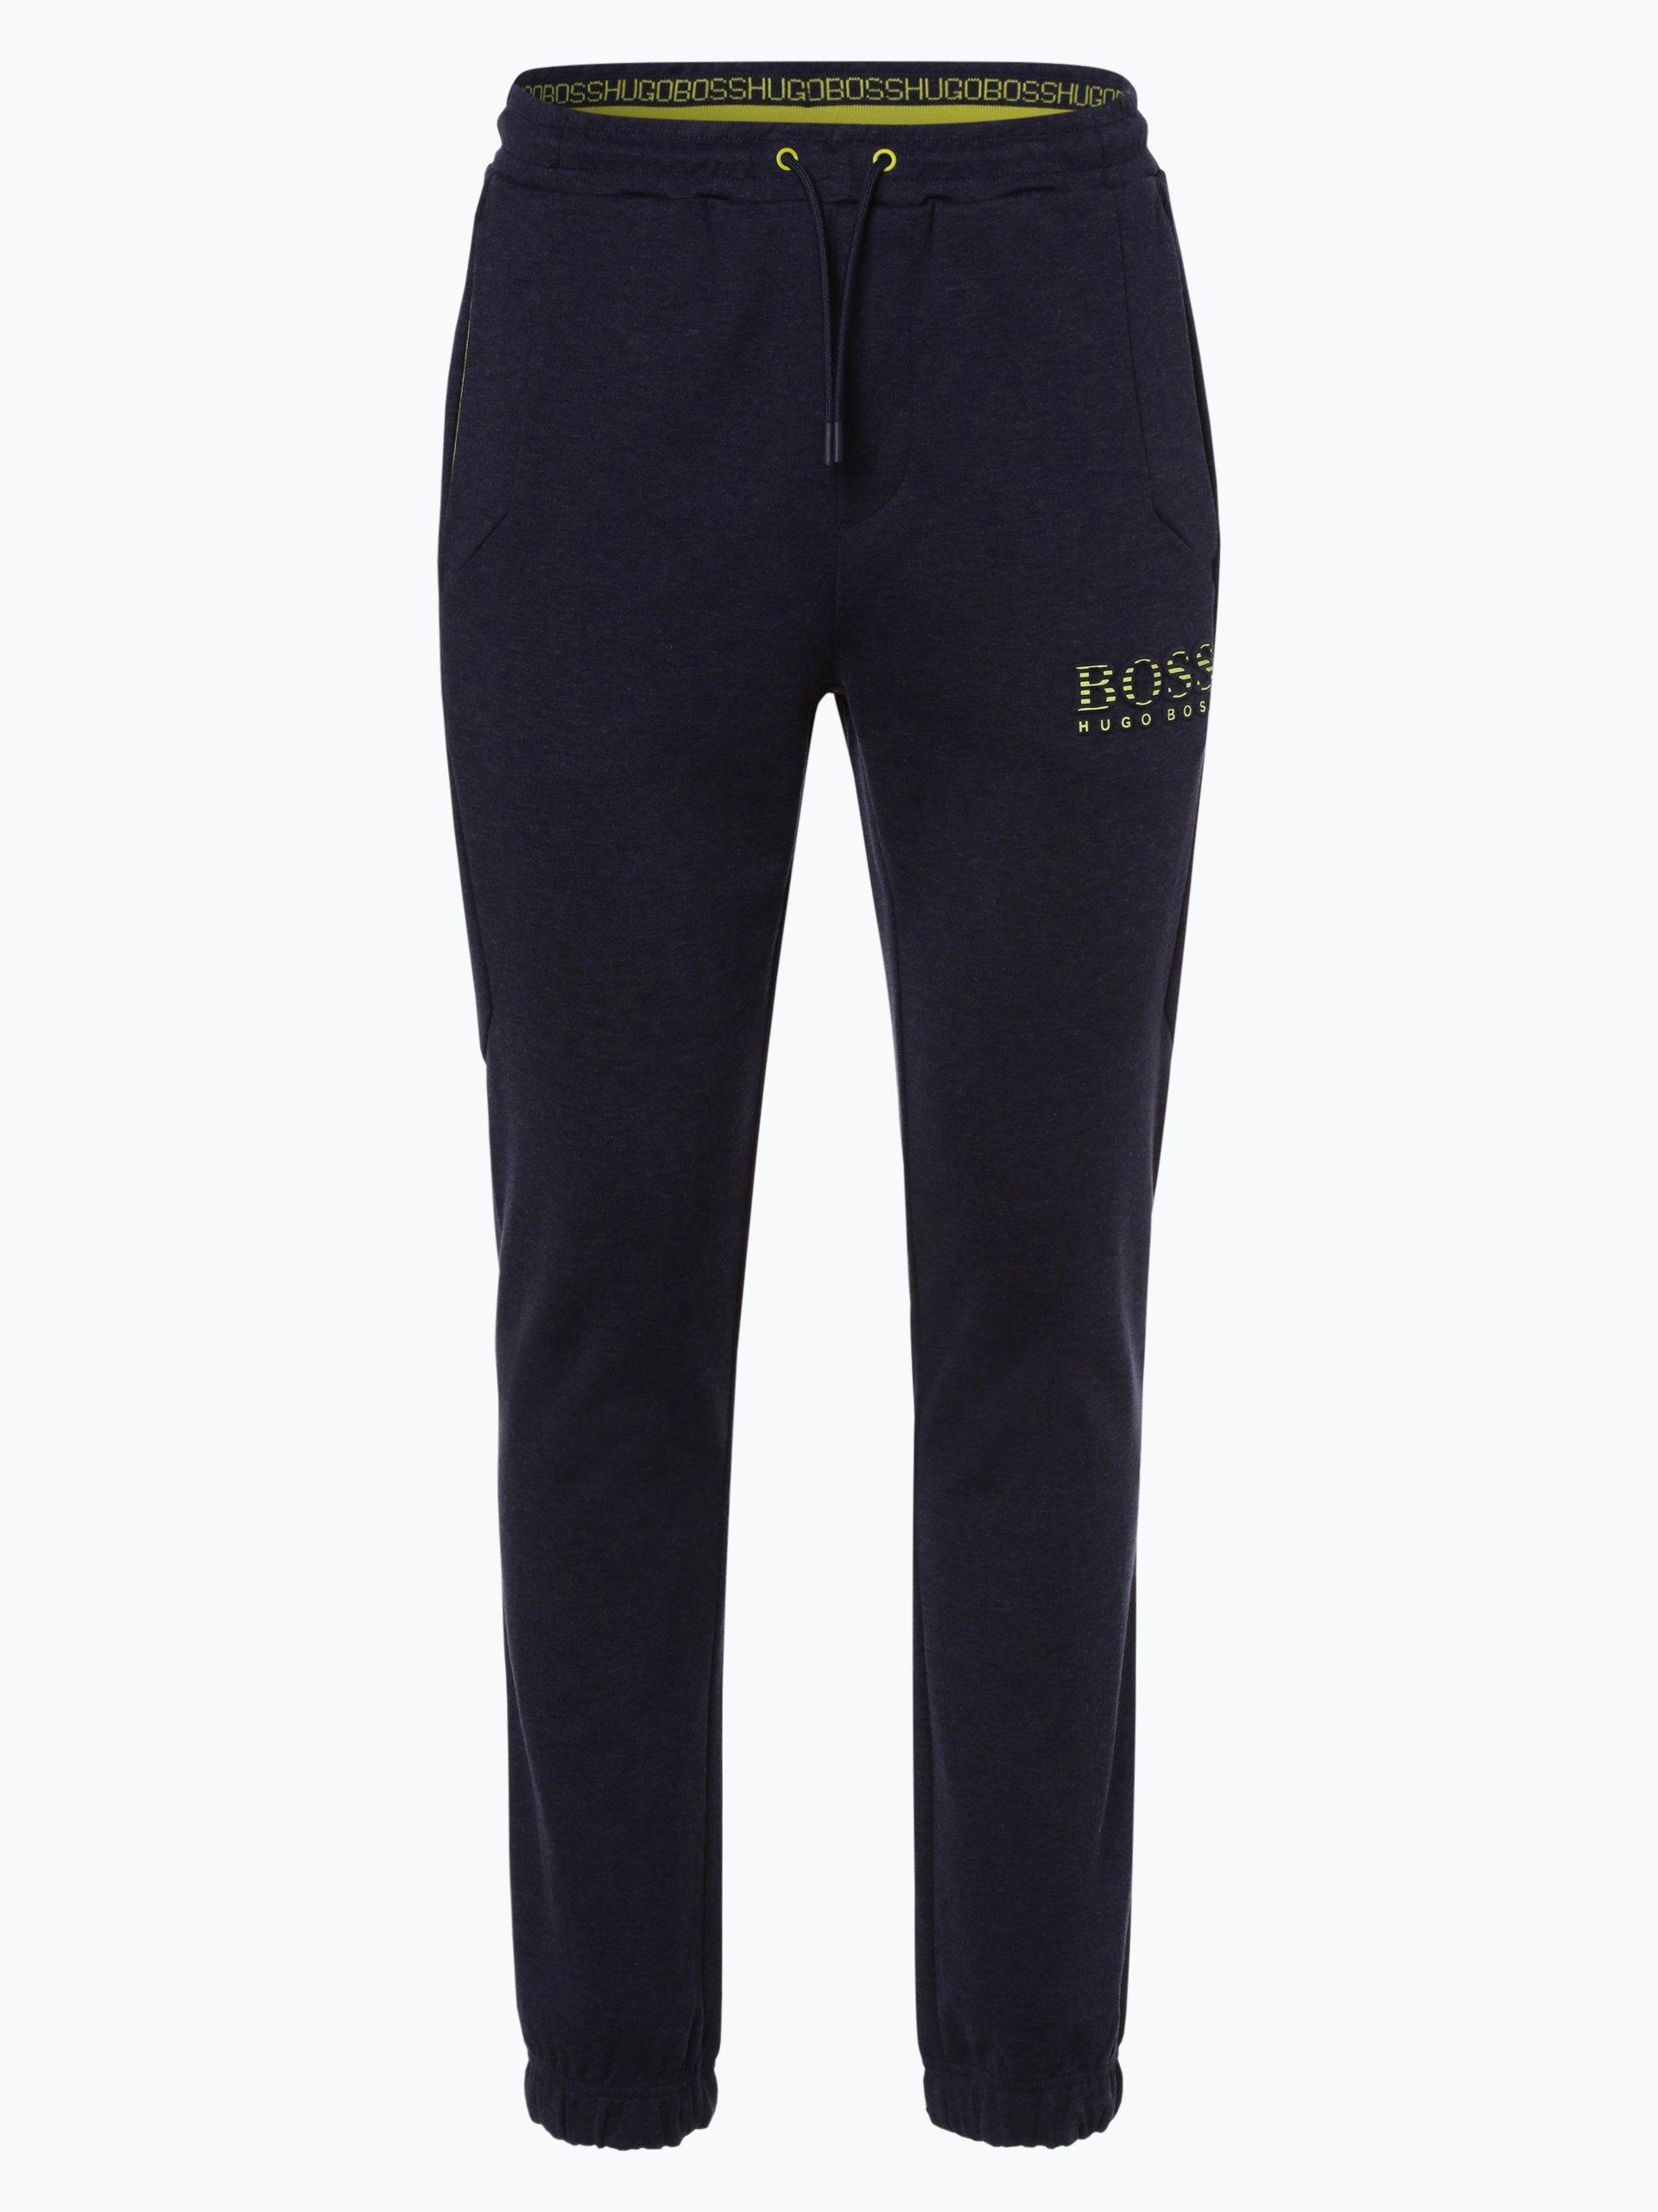 BOSS Athleisure Spodnie dresowe męskie – Hadiko